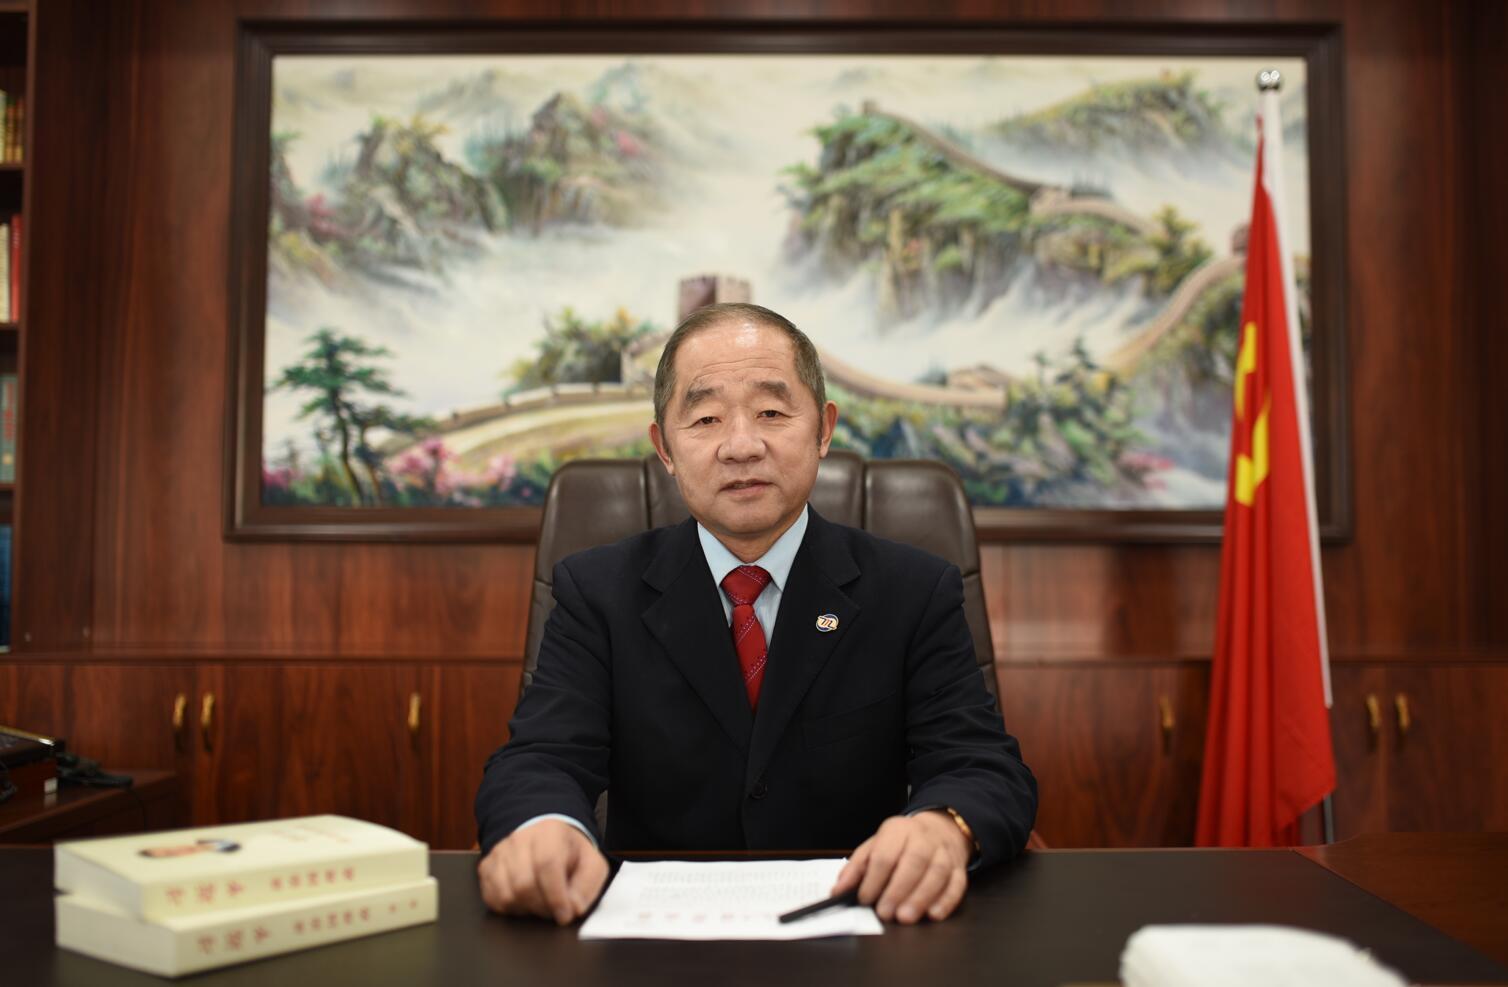 凝心聚力、厚积薄发:王世超董事长发表新年贺词